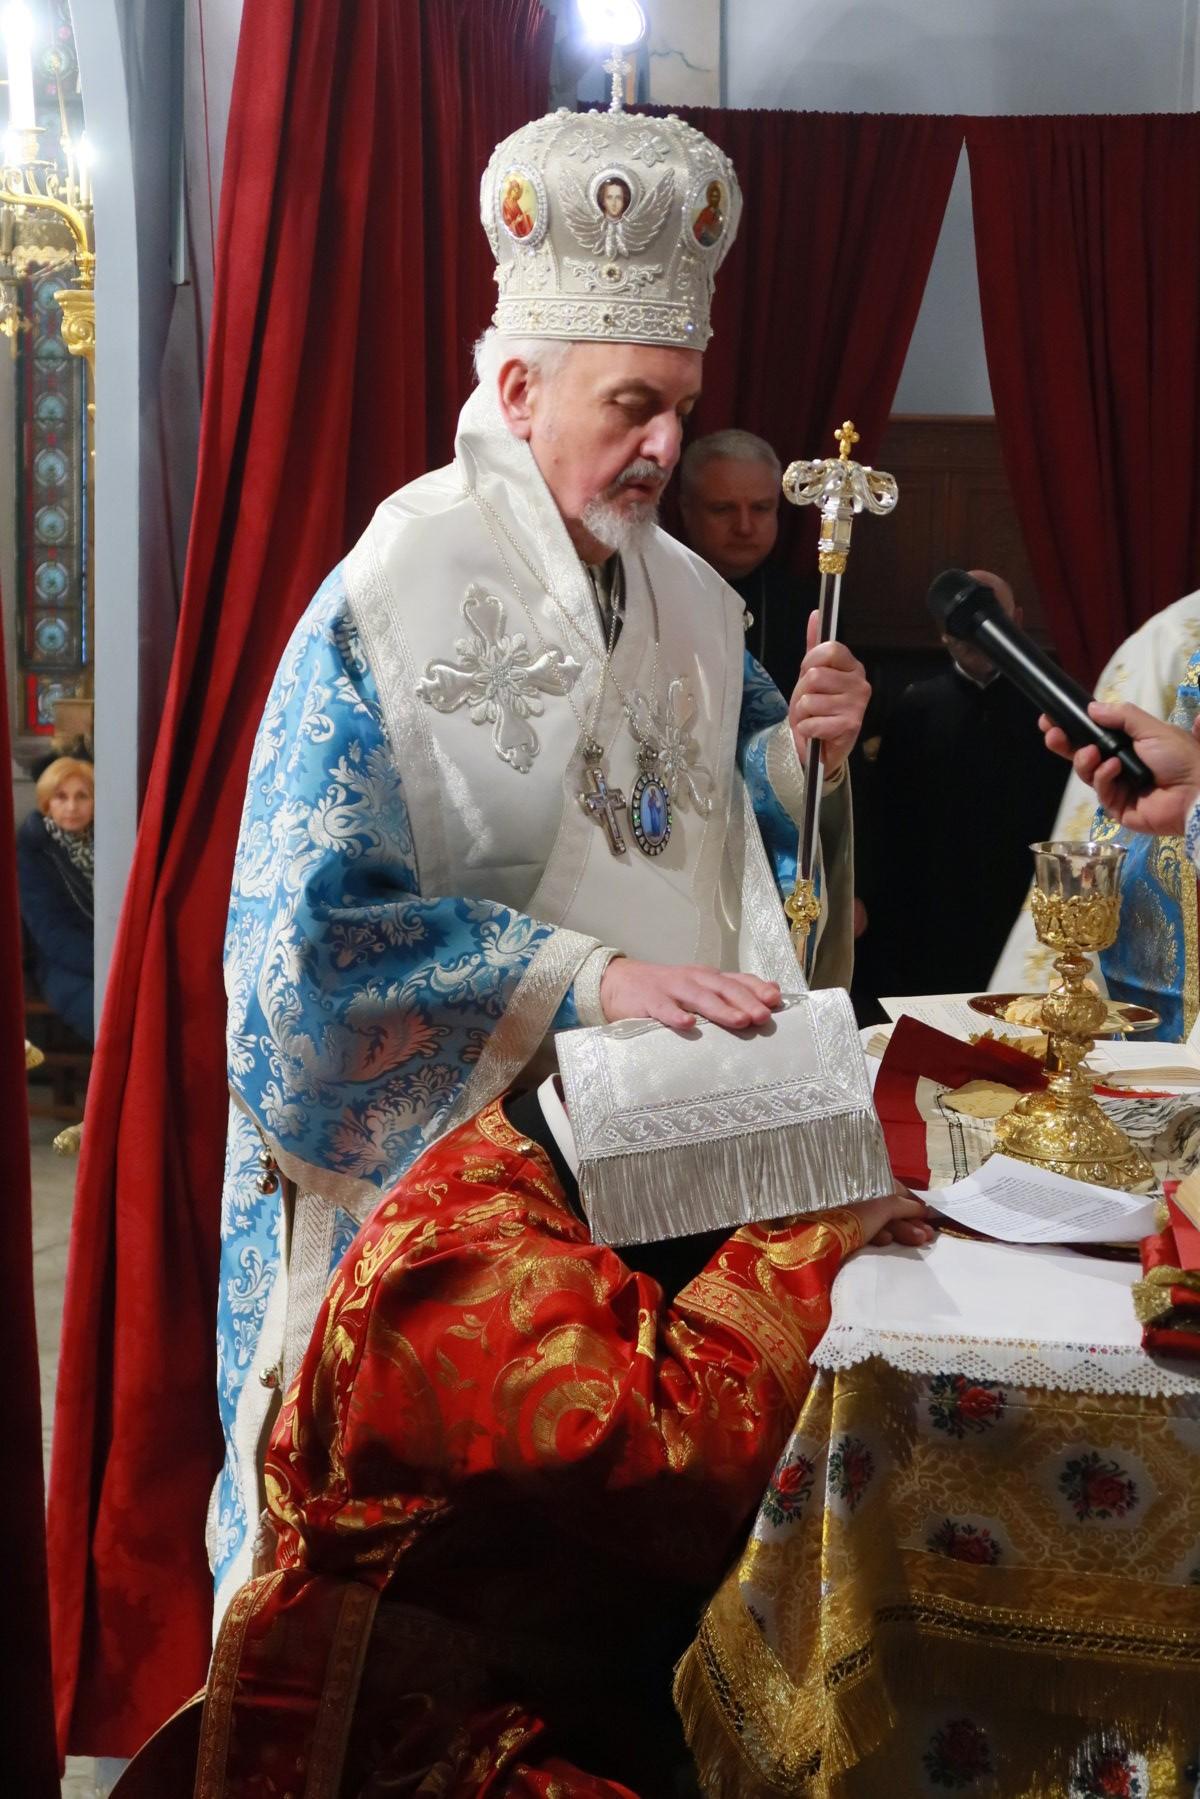 IMG 3618 e1578310991898 - Η κατάδυση του Τιμίου Σταυρού στη Μασσαλία (φωτο)